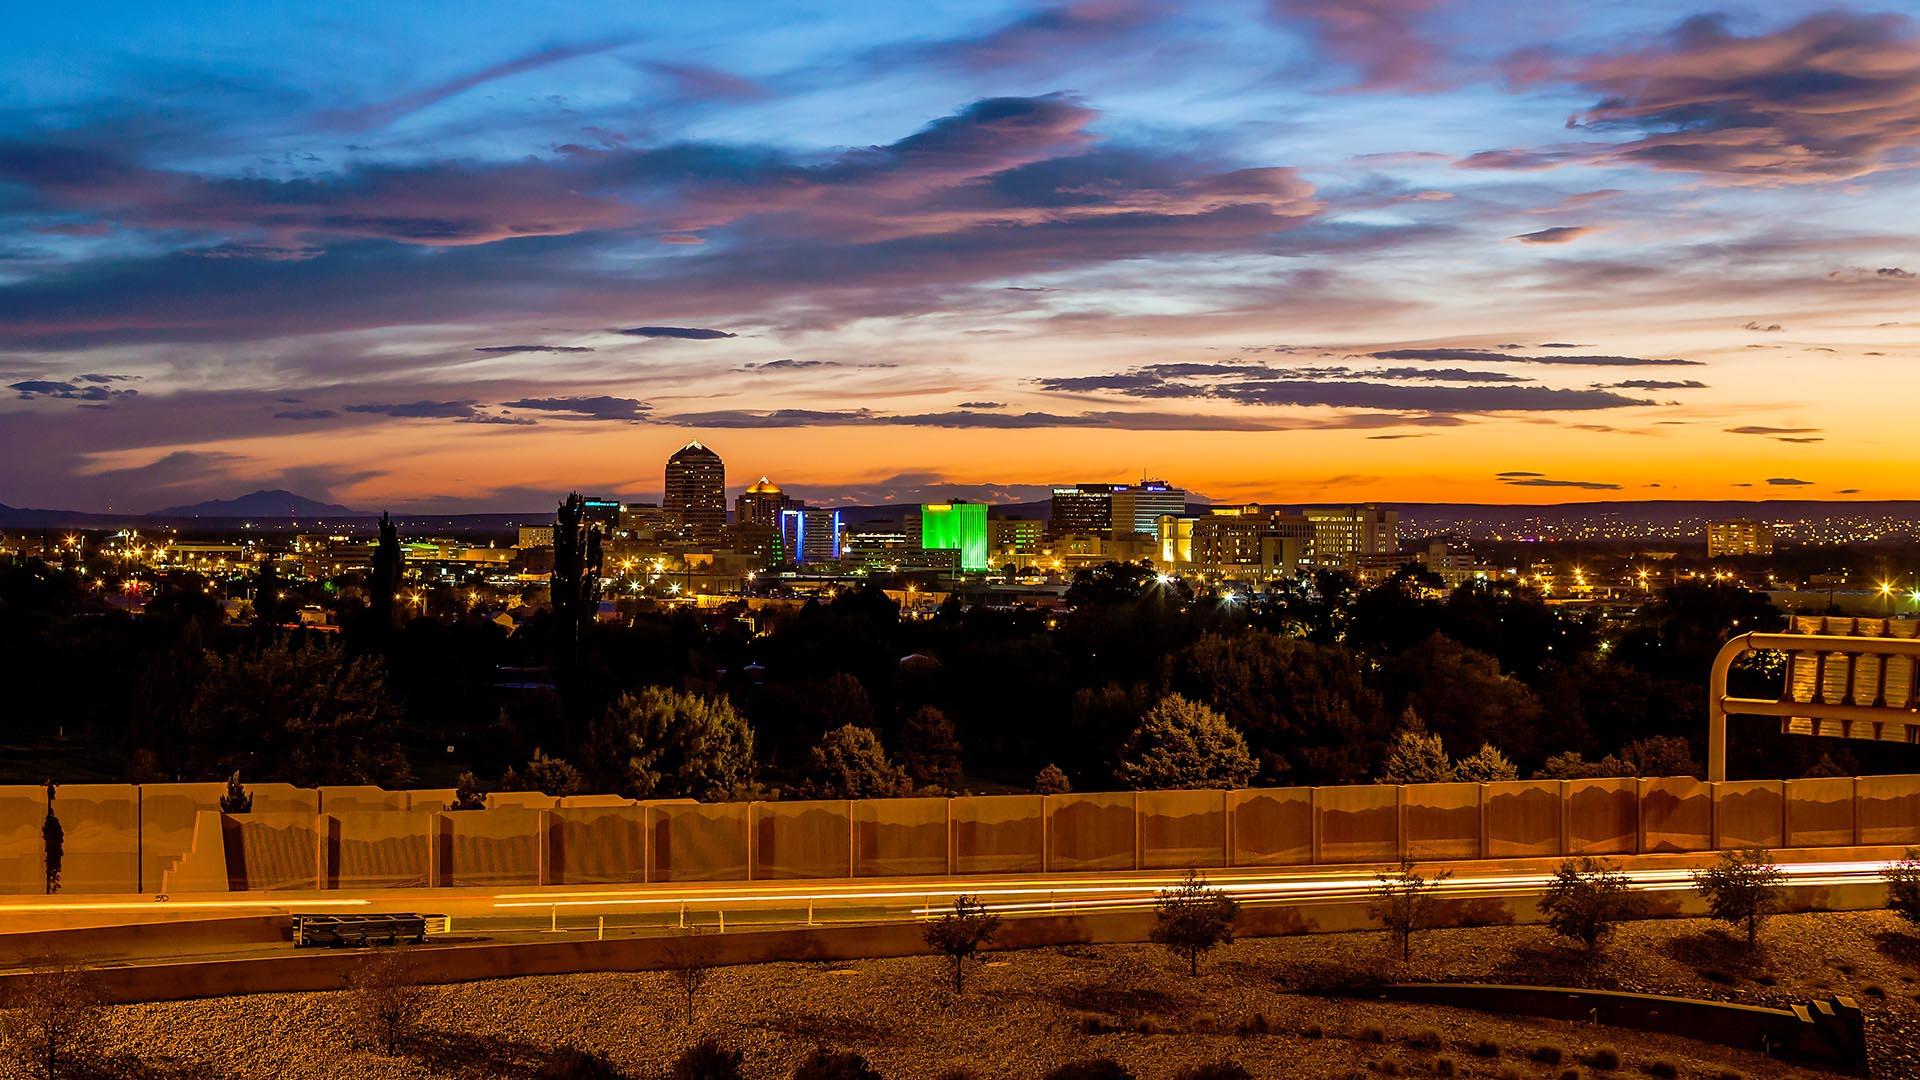 City of Albuquerque Skyline